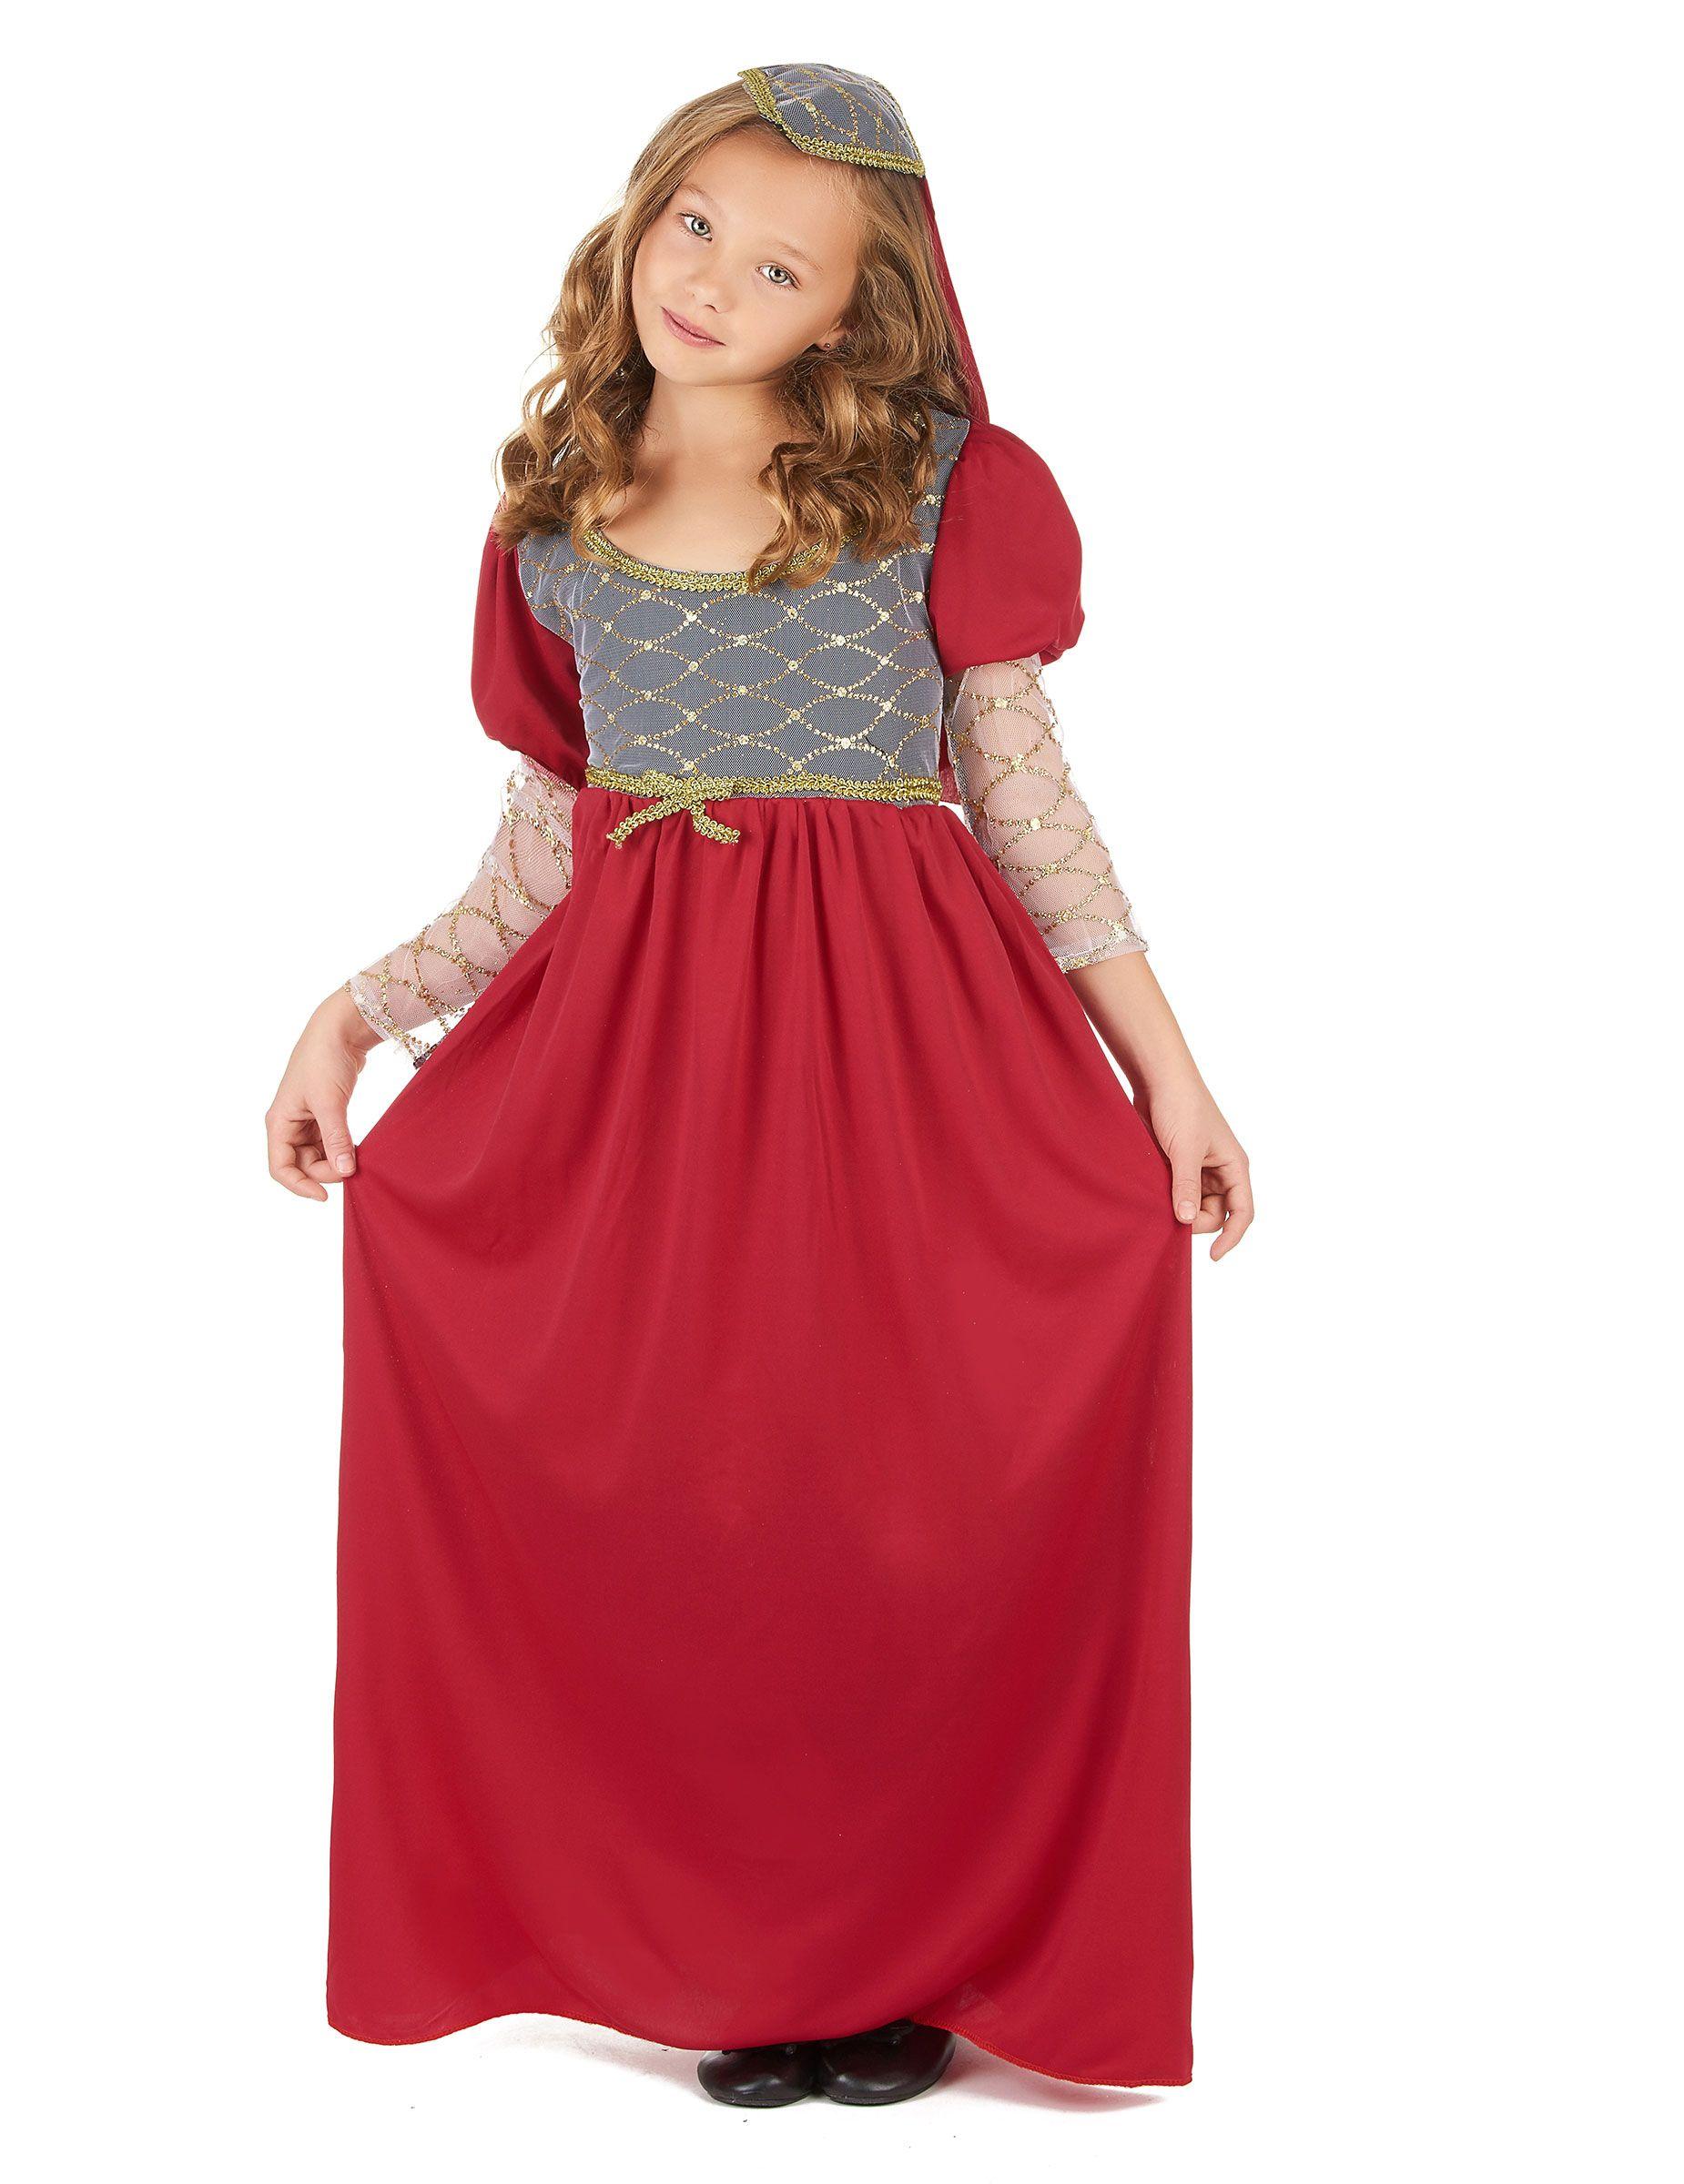 c8bfbe5bf02 Déguisement médiéval fille   Ce déguisement de princesse médiévale pour  fille se compose d une